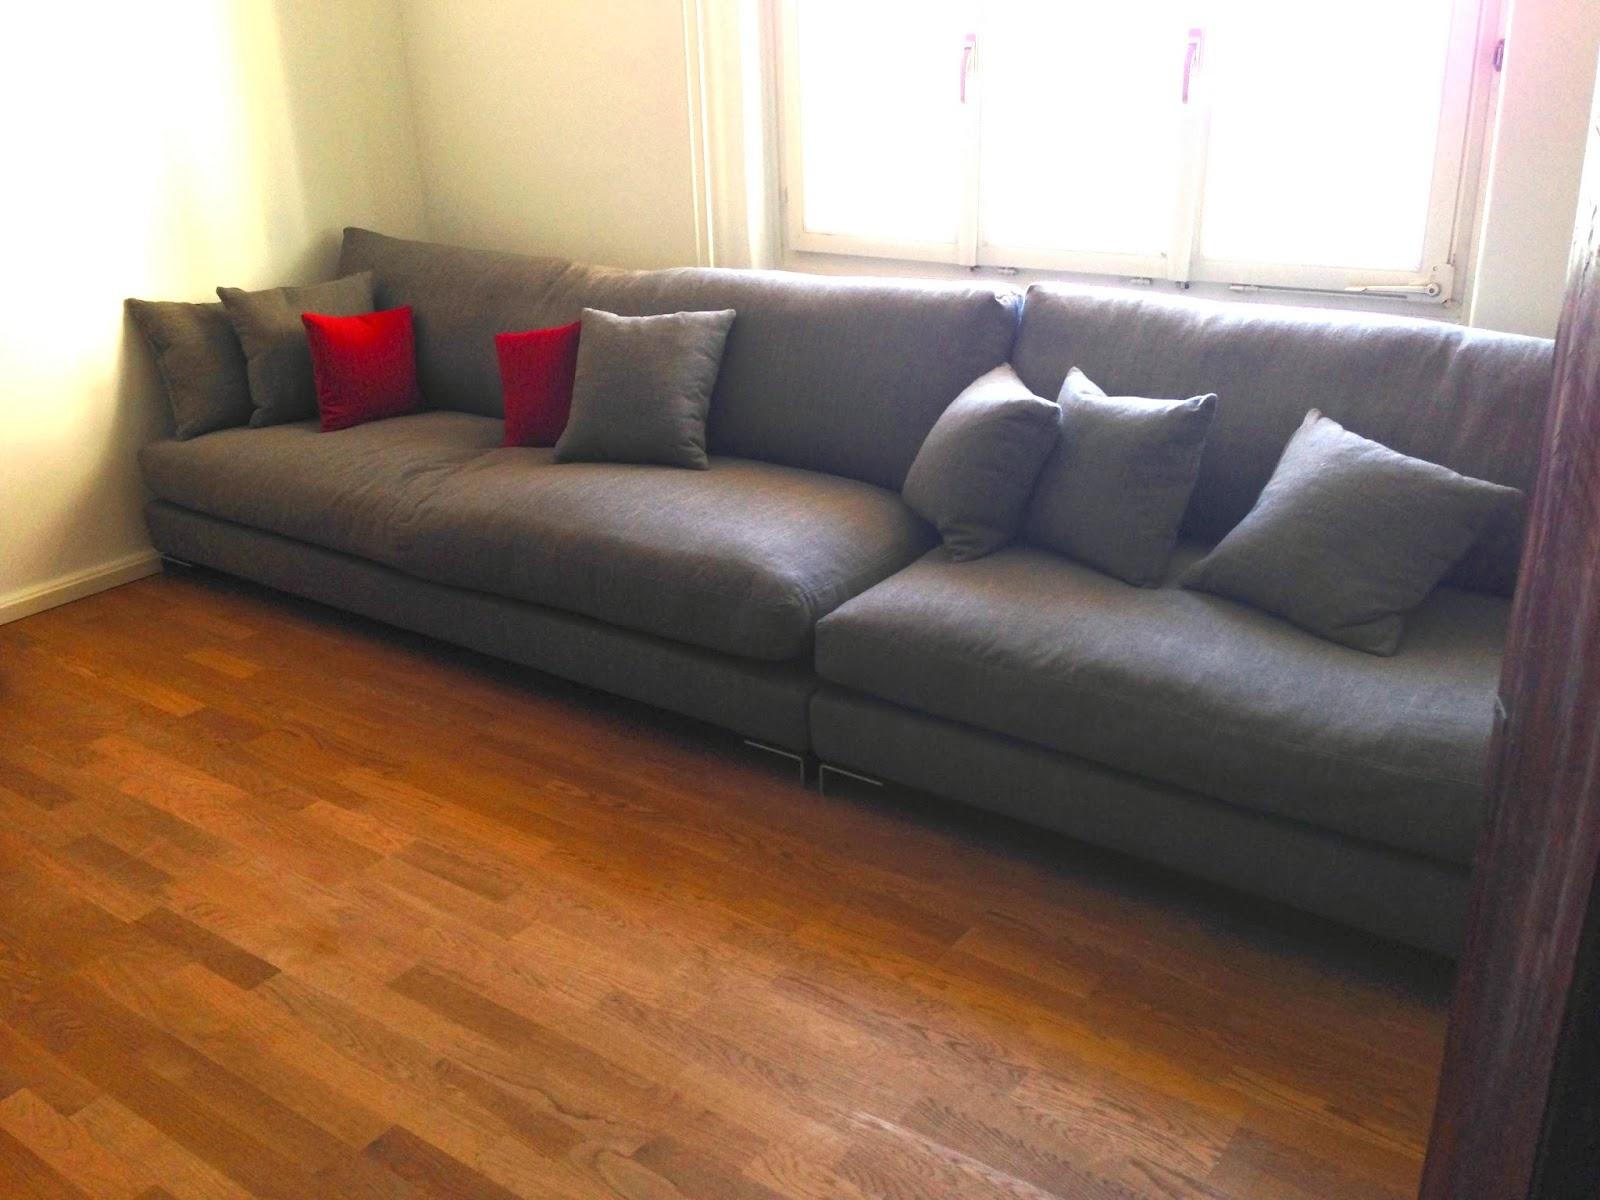 Divani blog tino mariani divano isola su misura - Dimensioni divano con isola ...